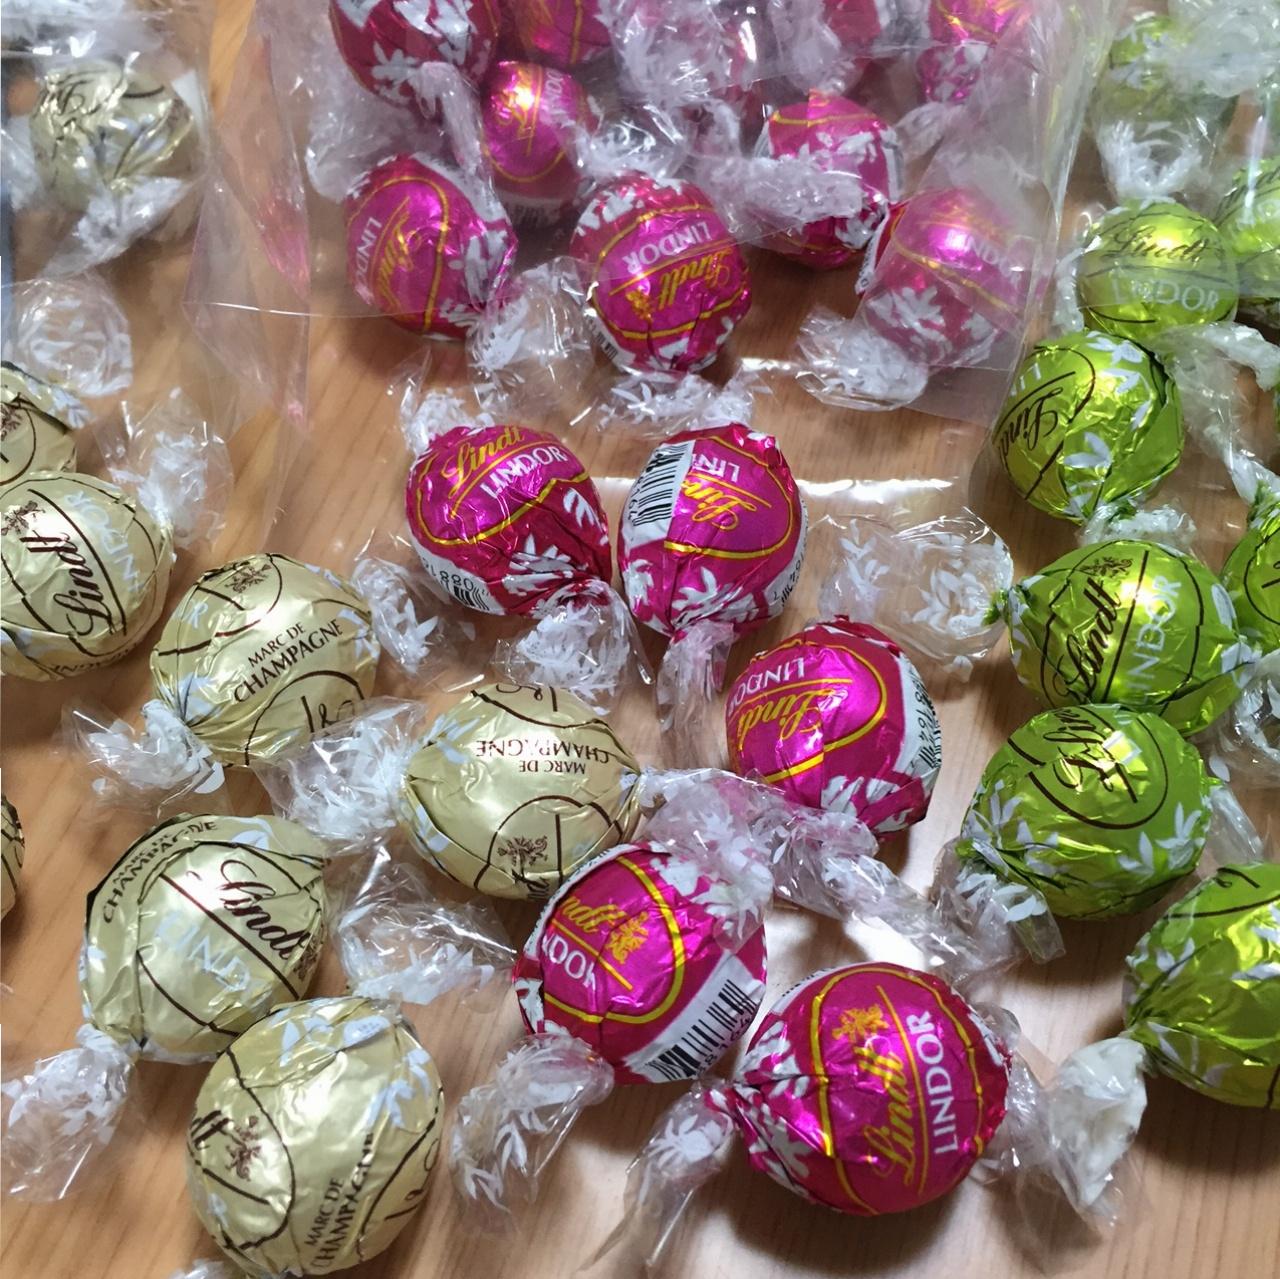 プレミアムチョコレート「Lindt リンツ」をお買い得にGETする方法☆_1